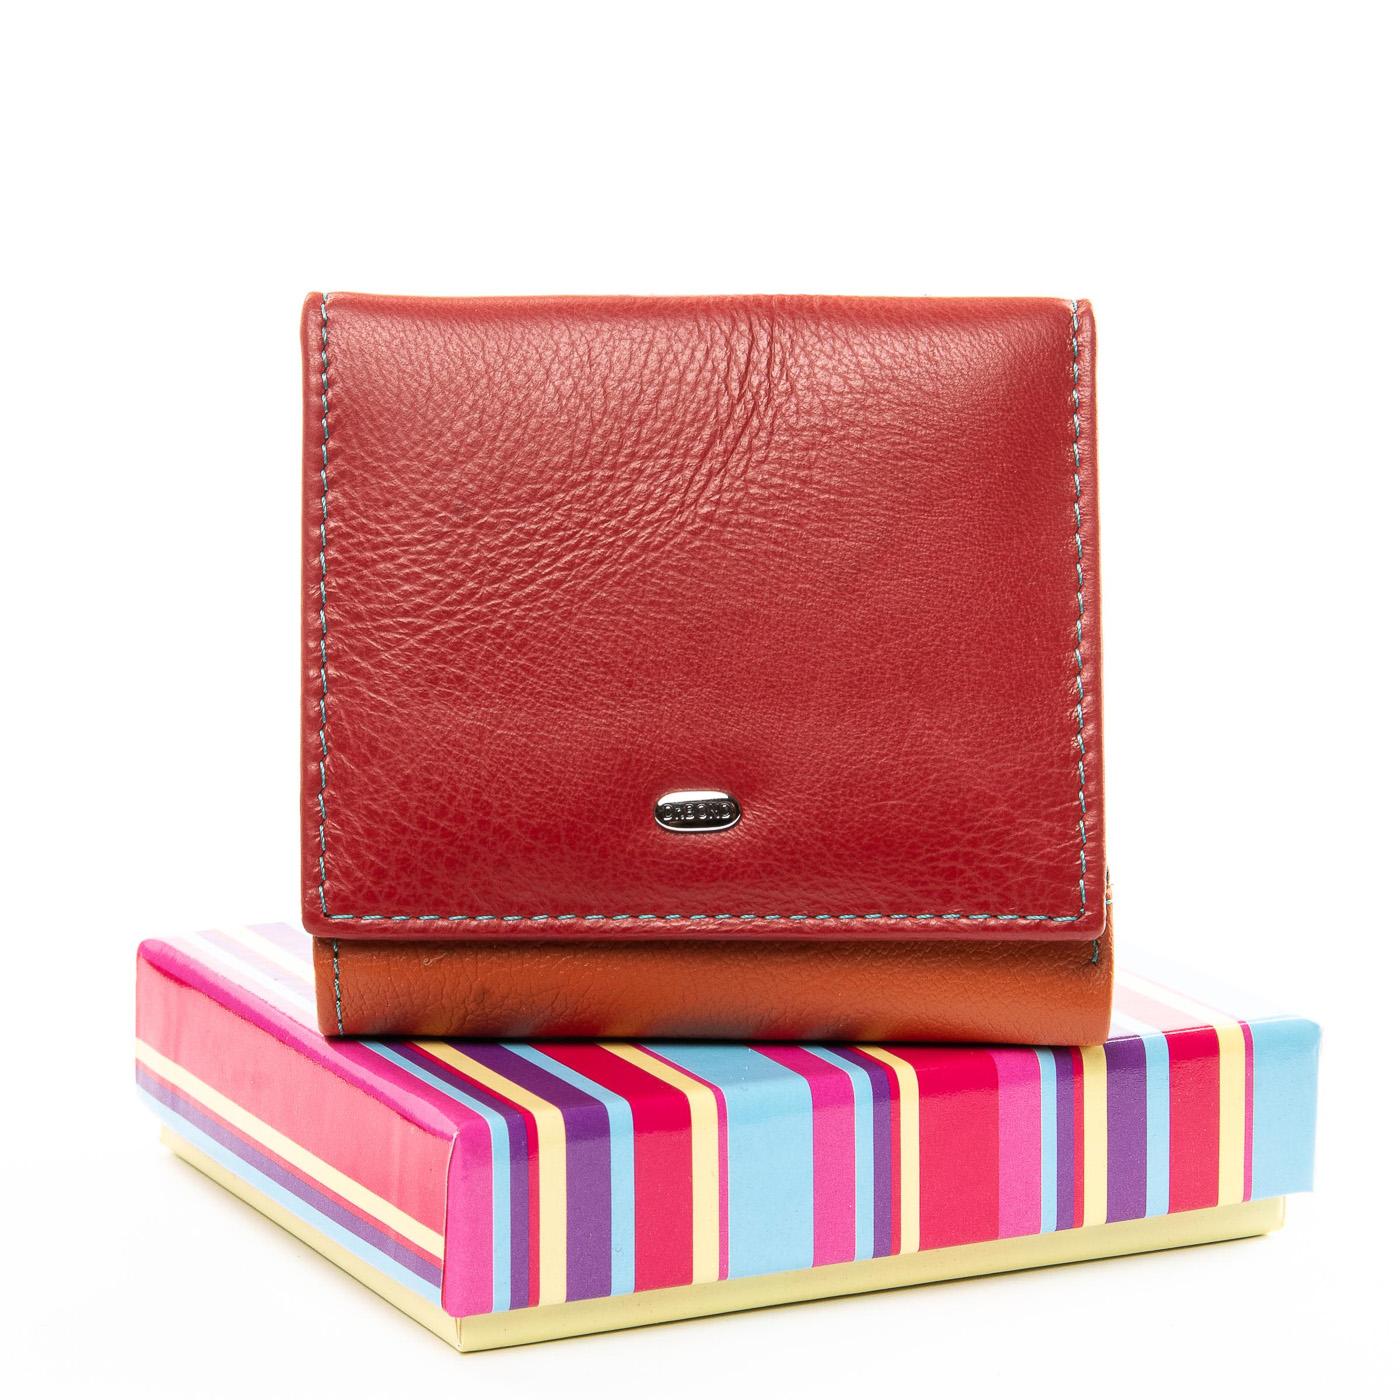 Компактный кошелёк «Dr.Bond» яркой расцветки из качественной кожи купить. Цена 599 грн